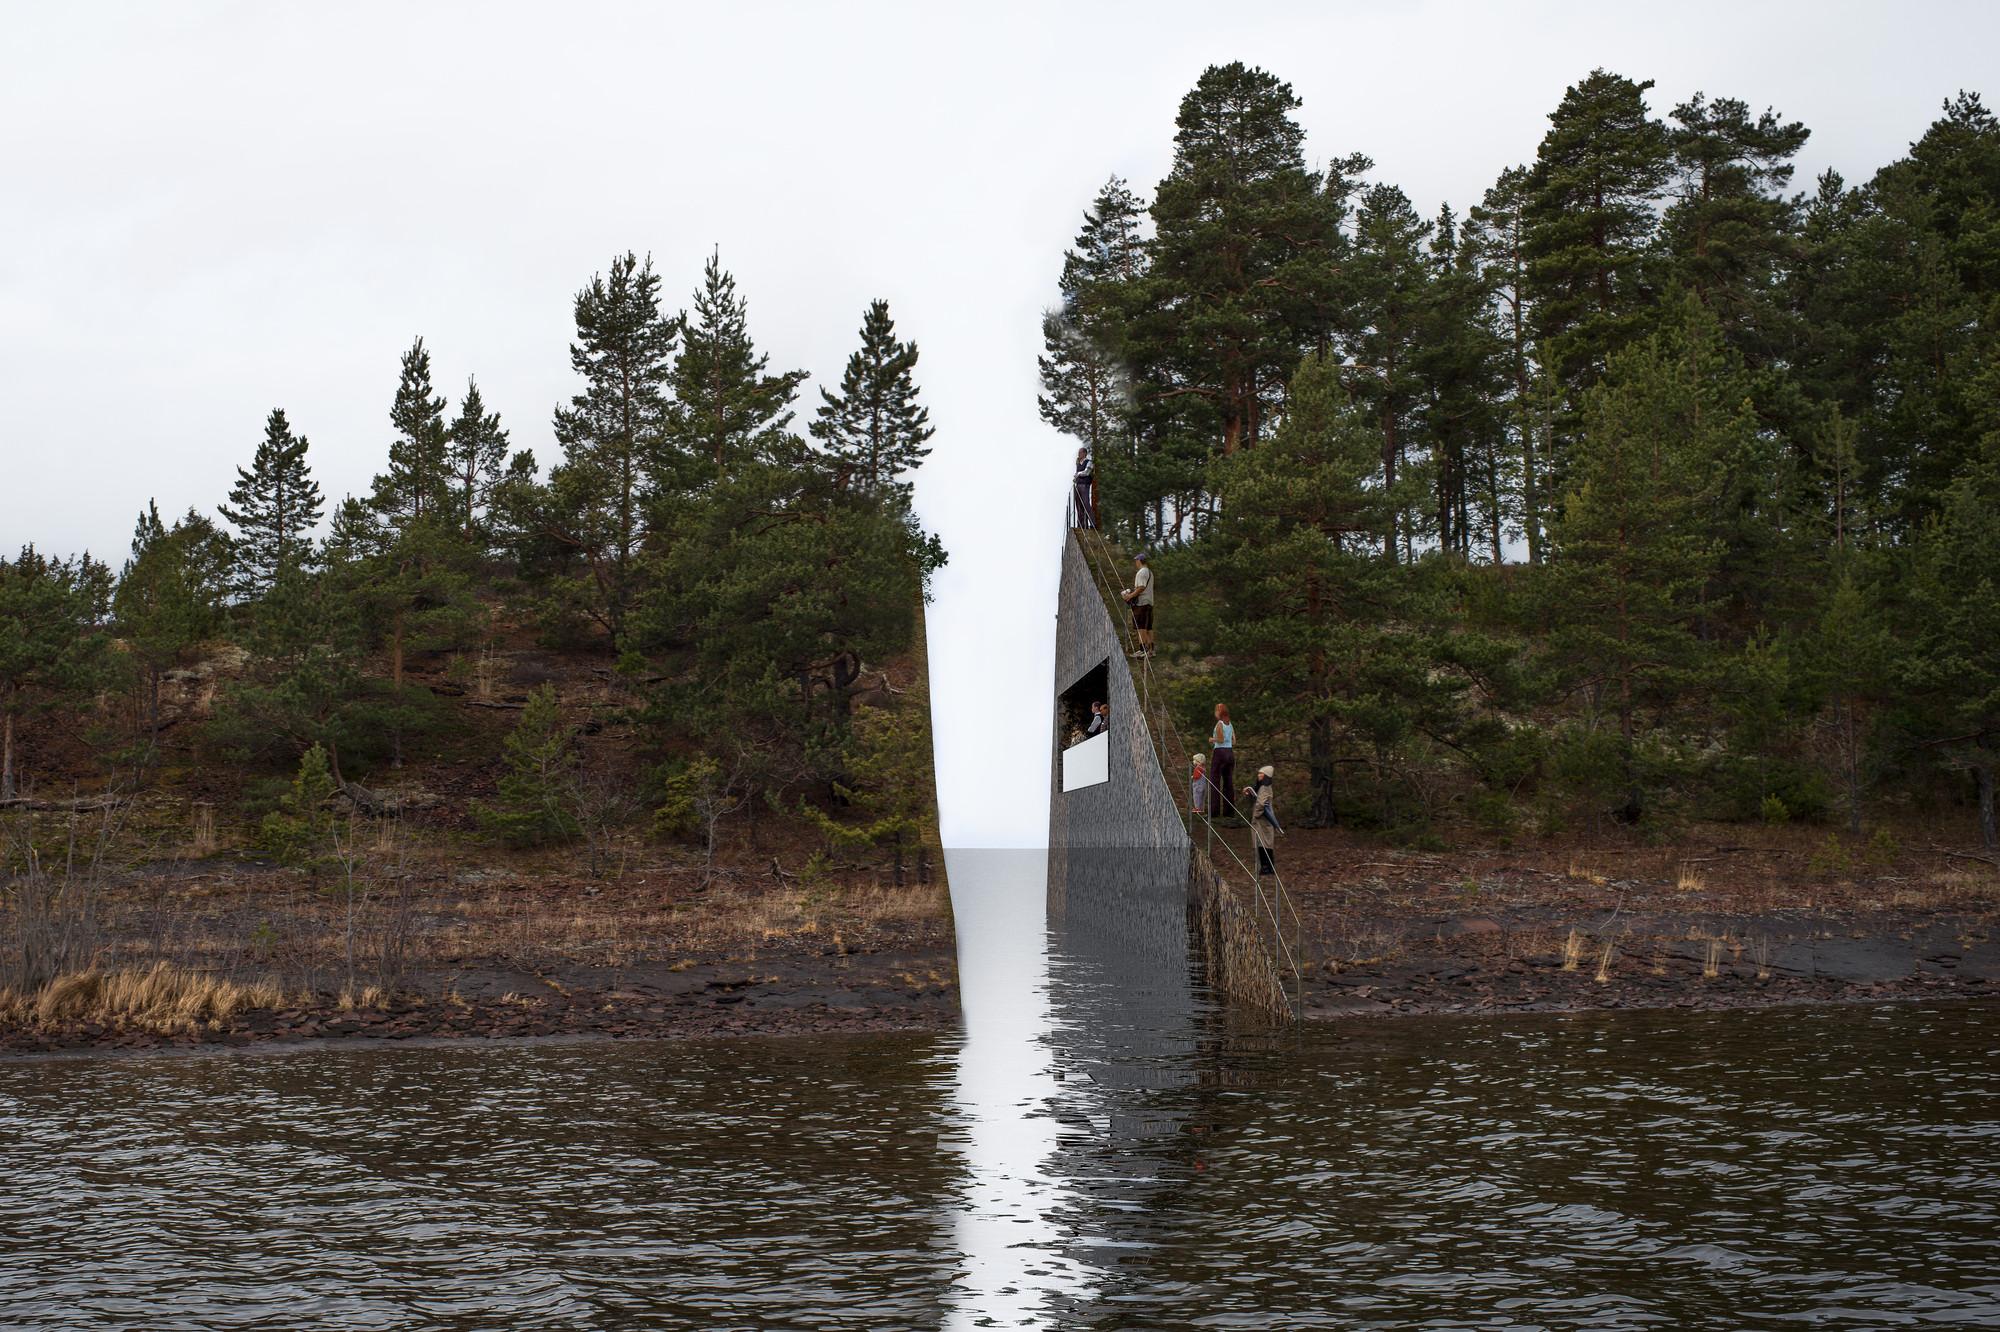 """Arquitectura y Paisaje: """"Memory Wound"""" - Monumento en homenaje a las victimas de la masacre en Noruega, © Jonas Dahlberg"""